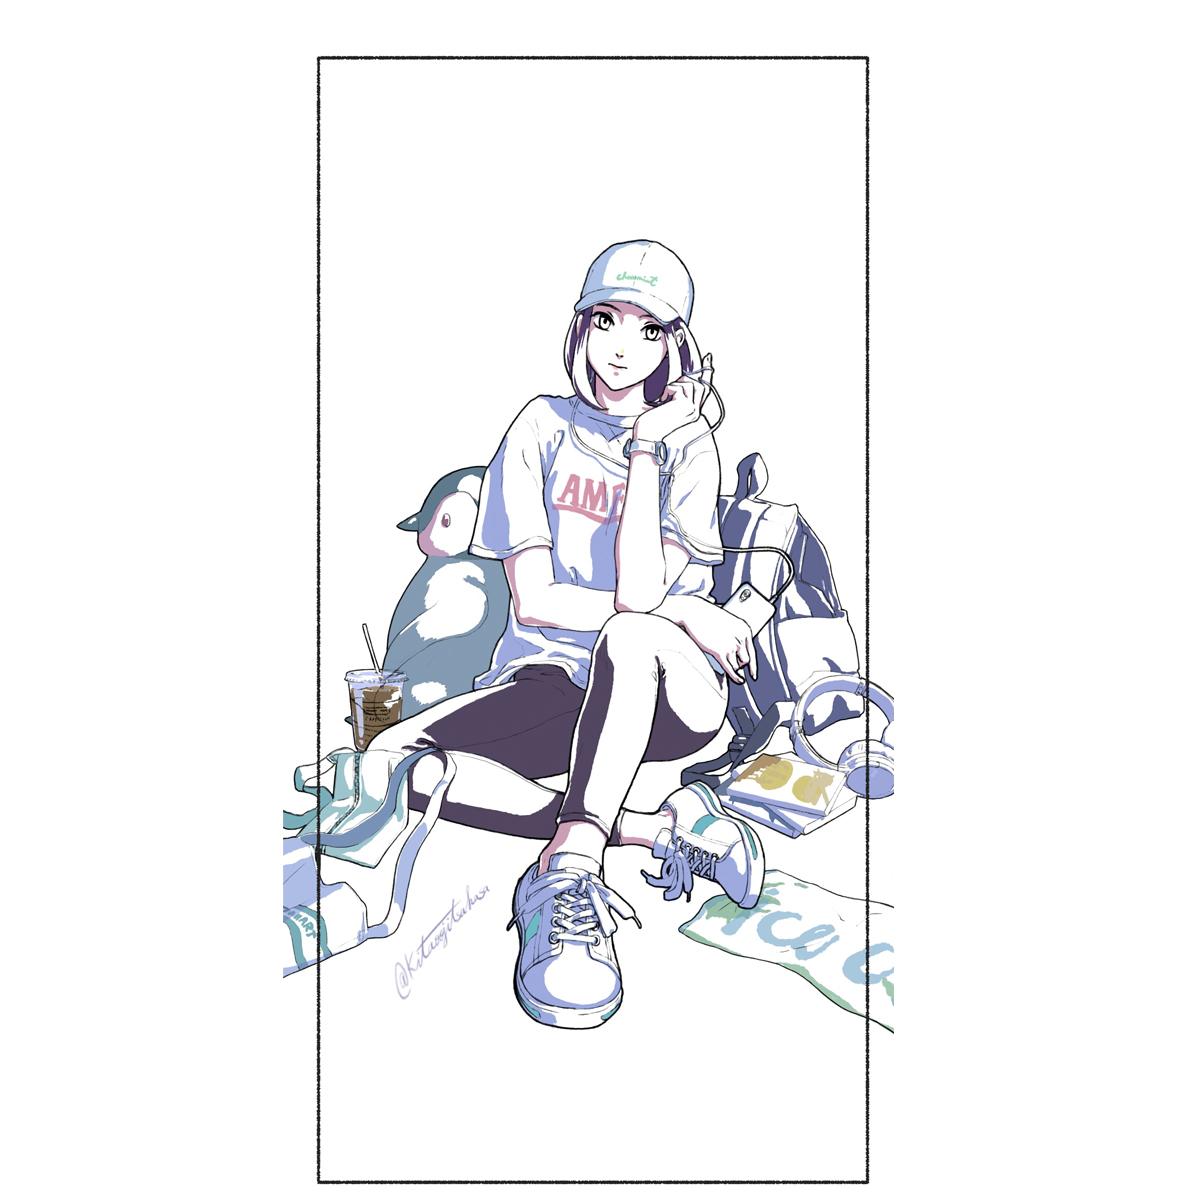 Cool girl prototypeシリーズ